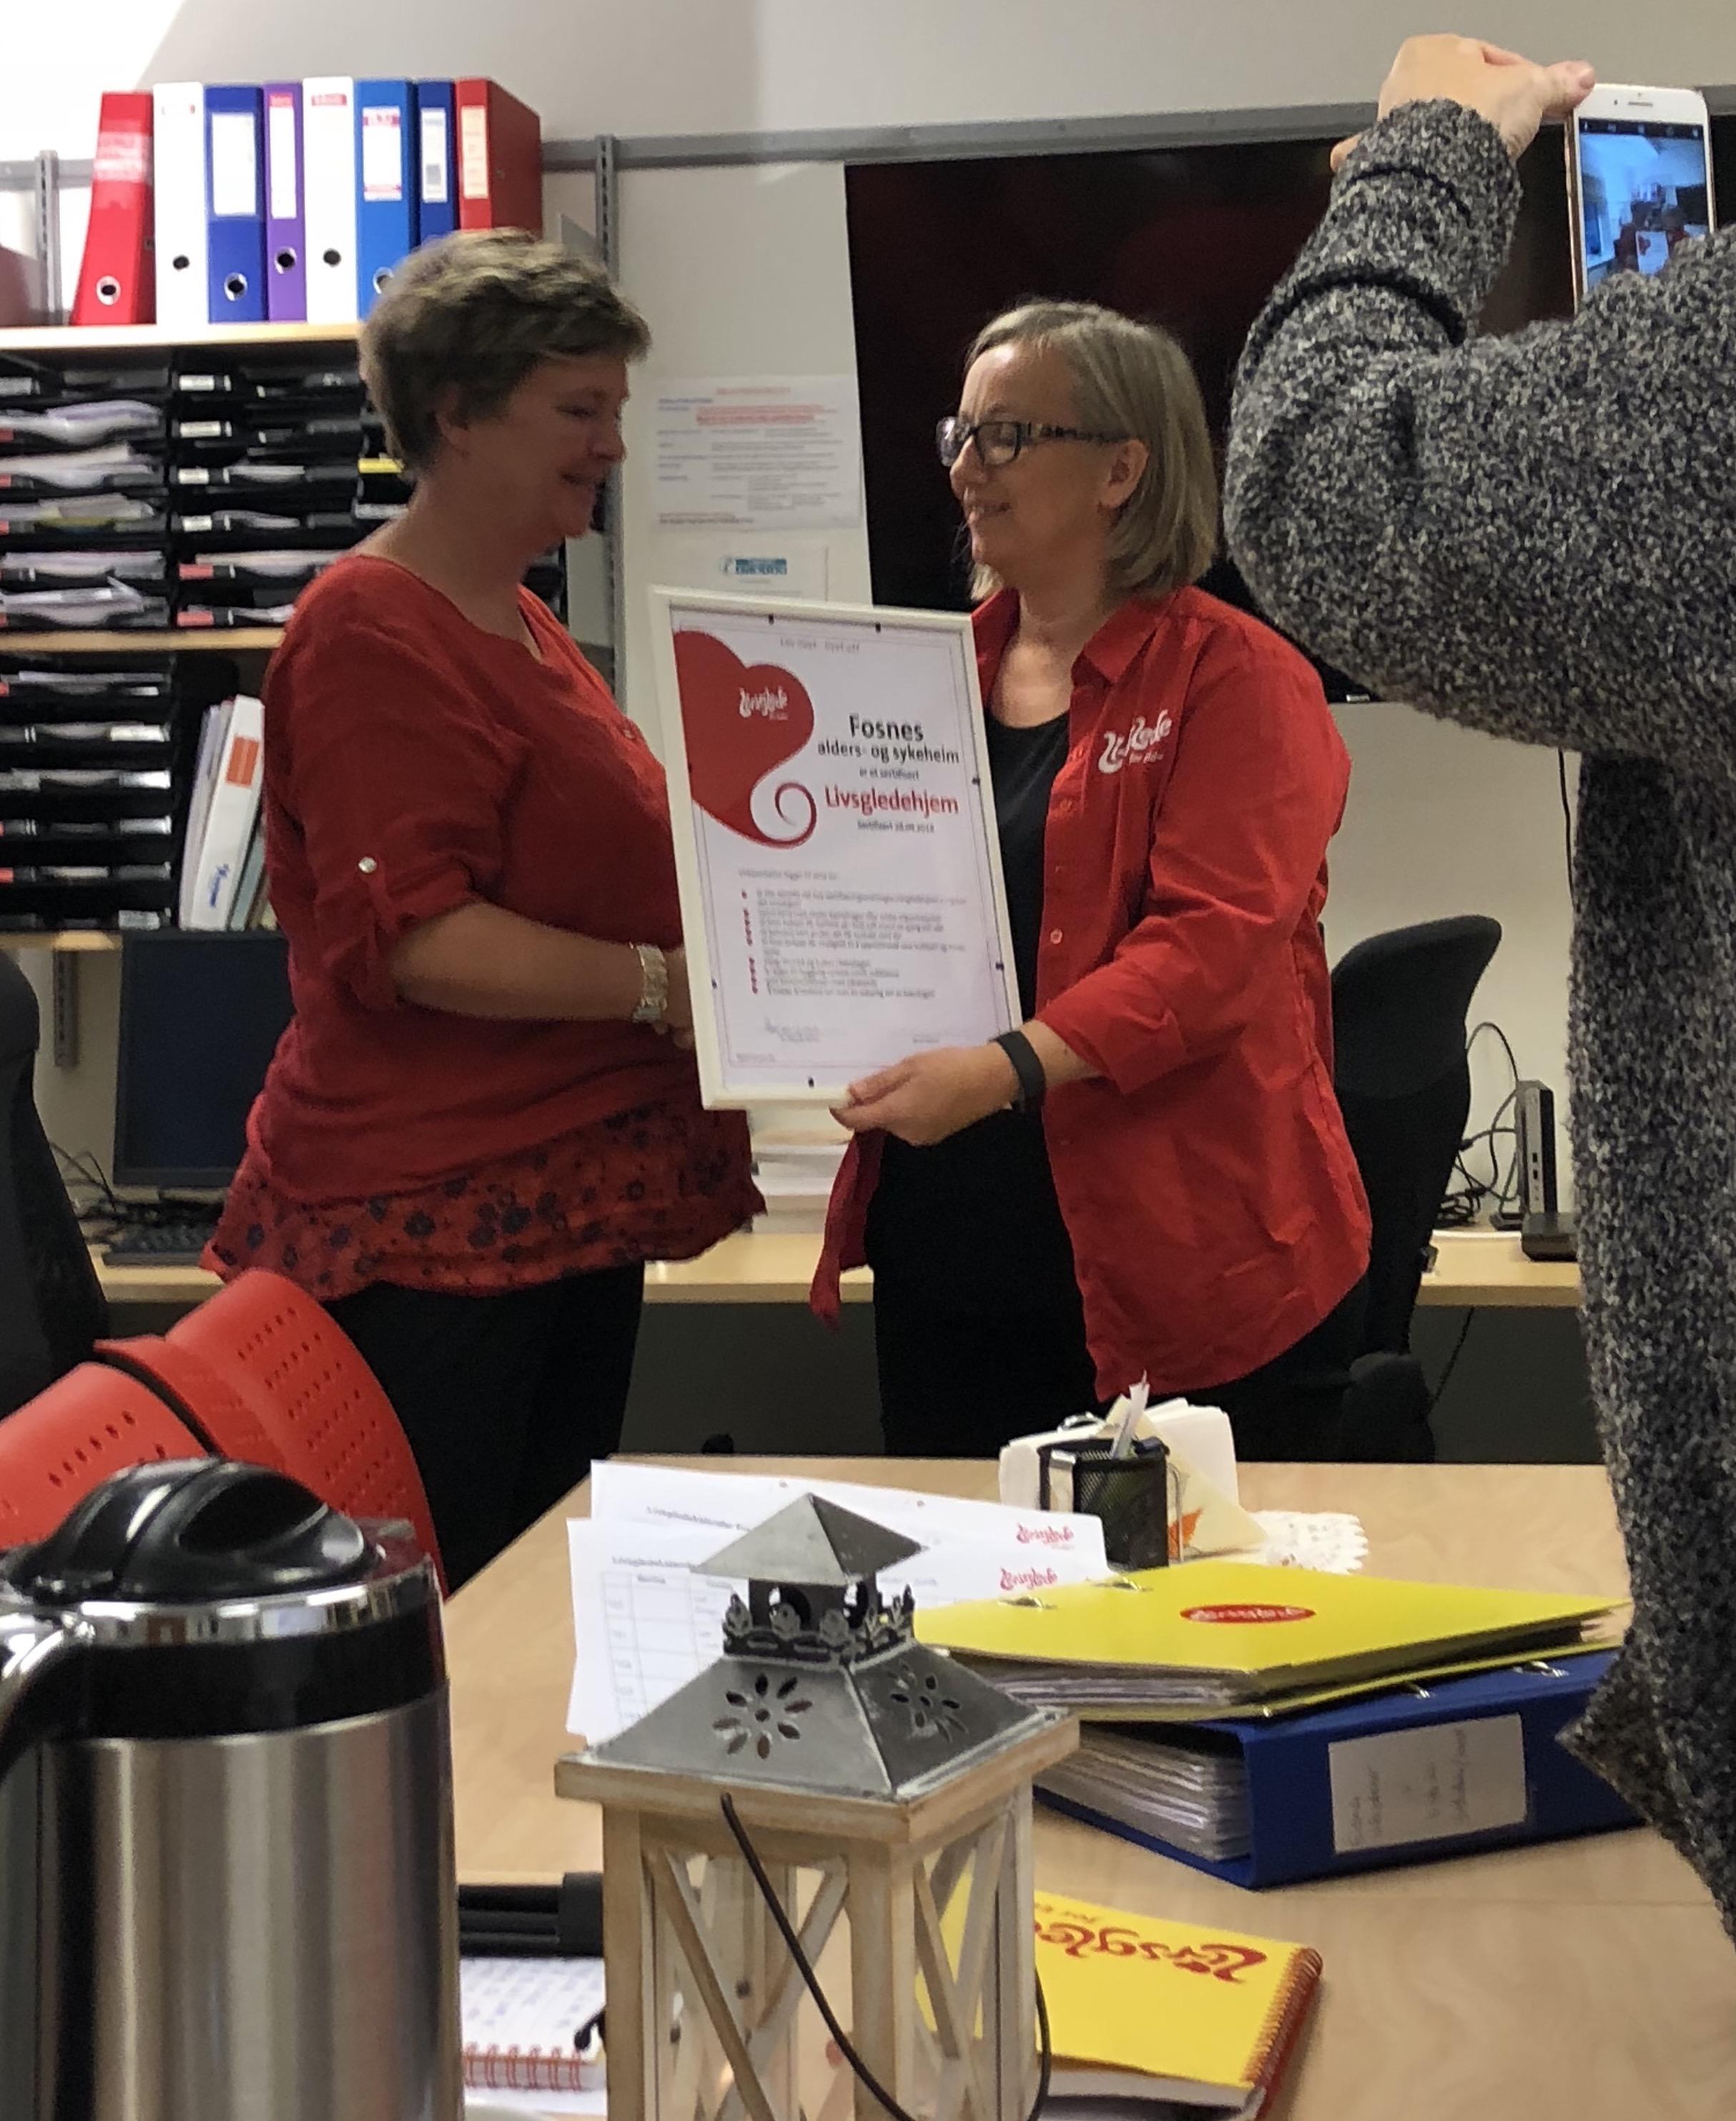 Jane Tingstad mottar sertifikatet som beviser at Fosnes alders- og sykehjem er et Livsgledehjem